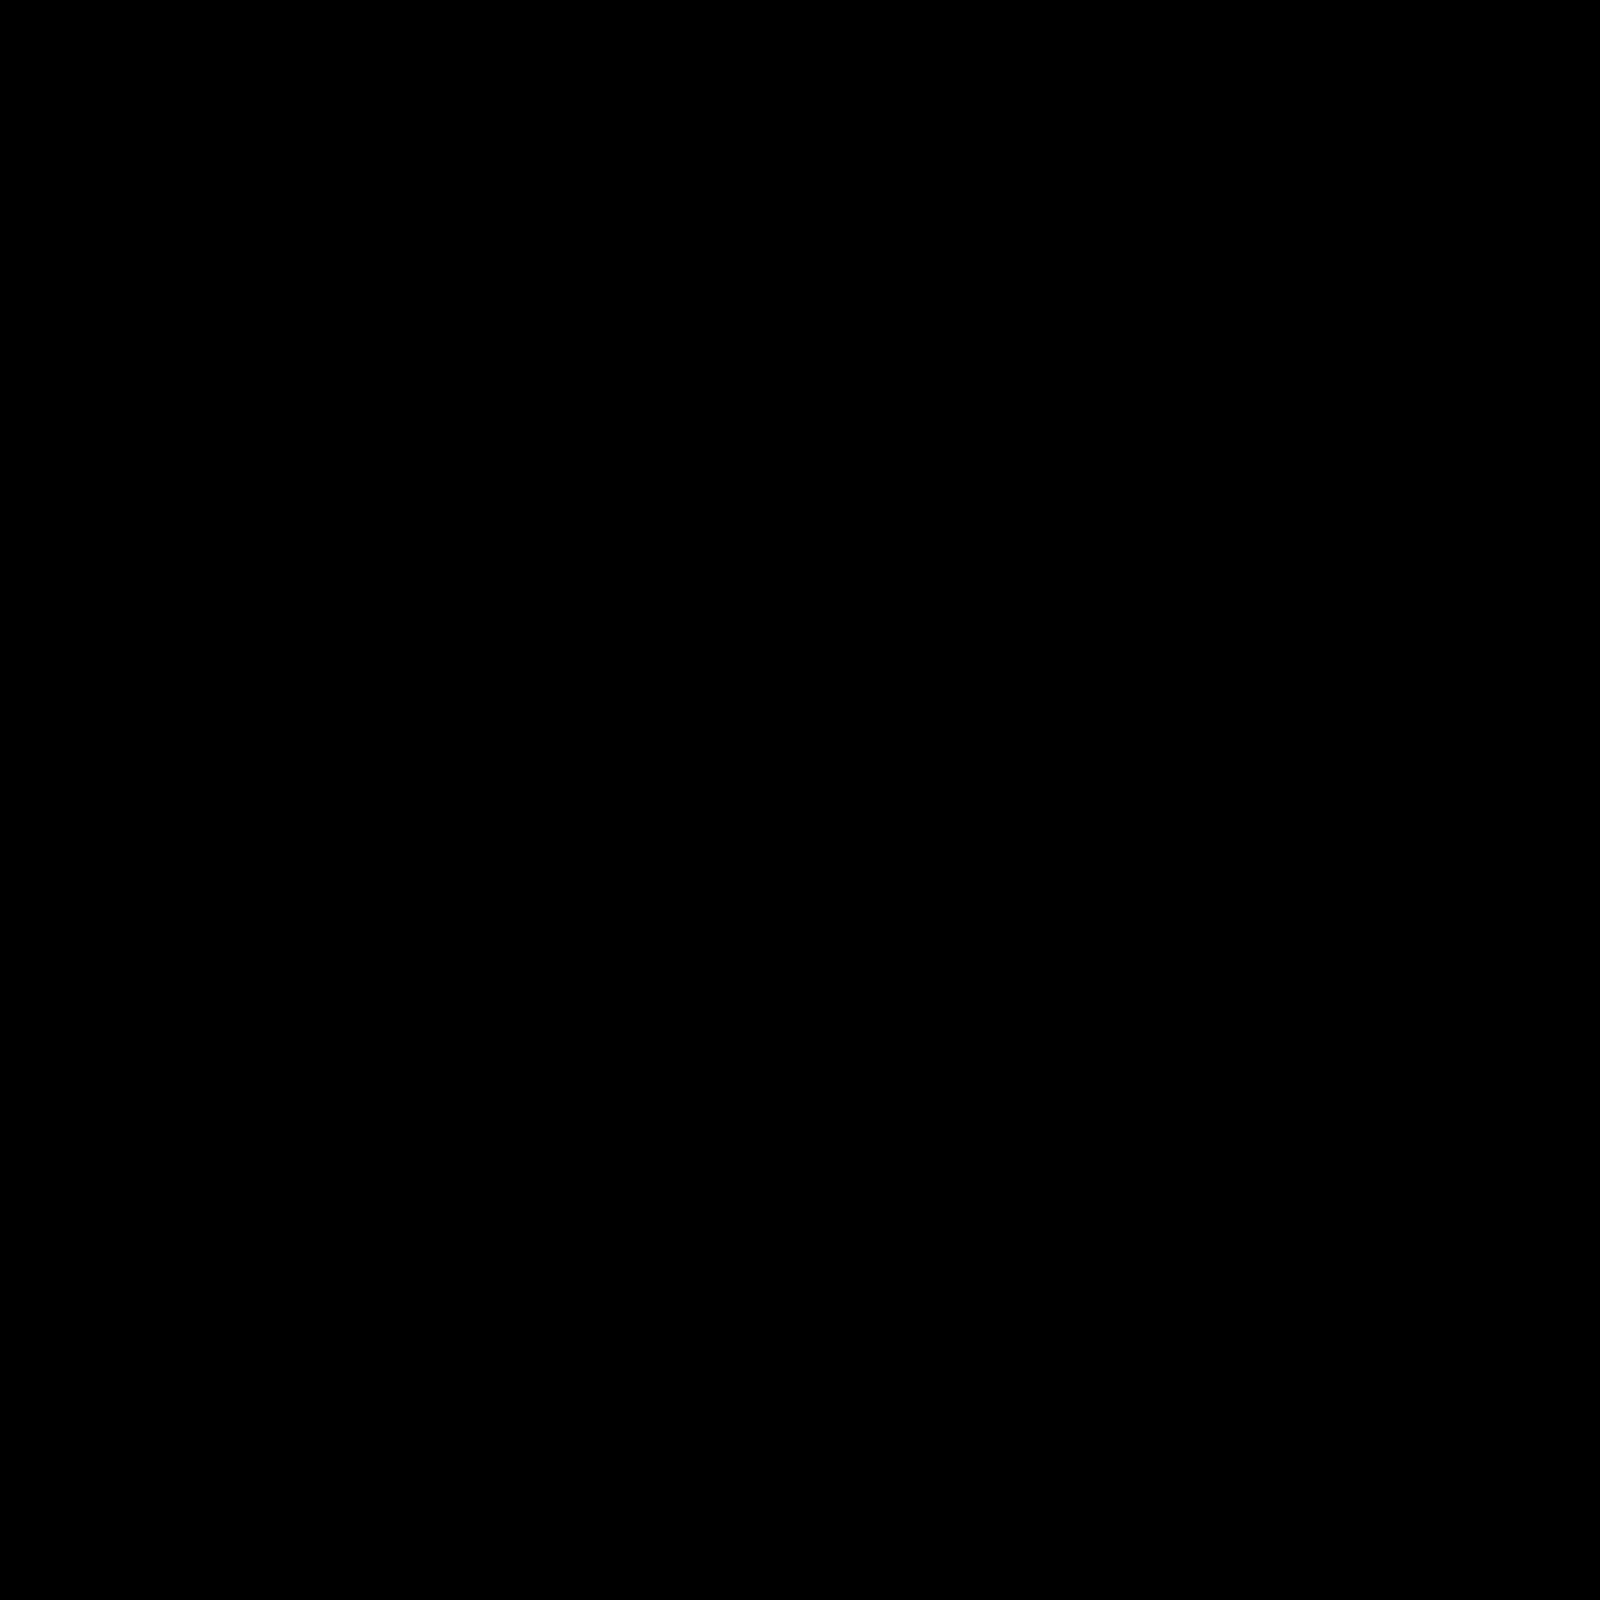 Pram Filled icon